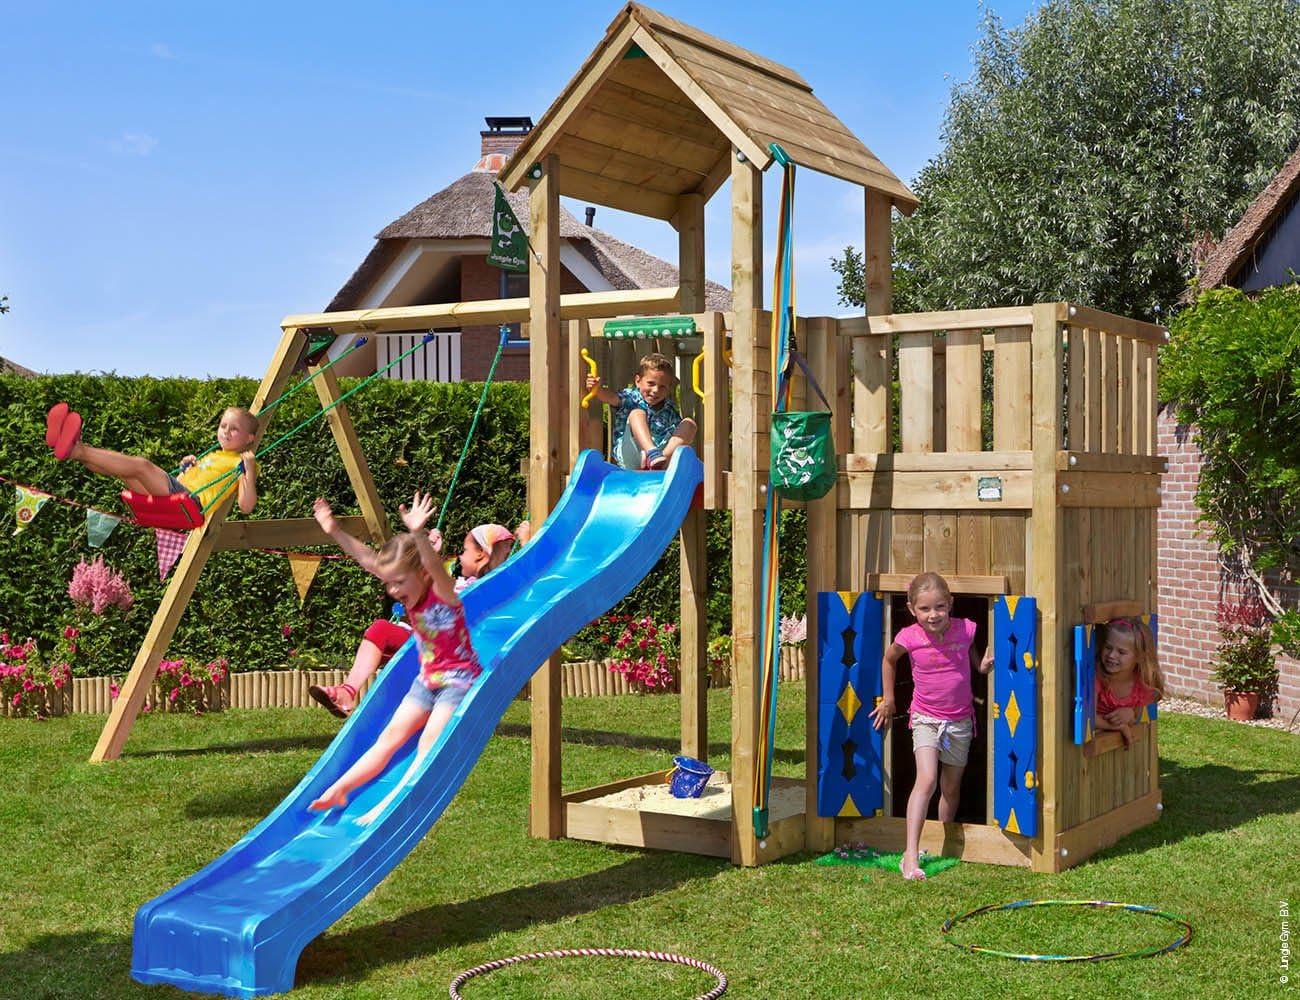 Jungle Gym Mansion Playhouse & 2-Swing Azul Casitas Infantiles de Madera para Jardin con Tobogan y Columpios: Amazon.es: Juguetes y juegos